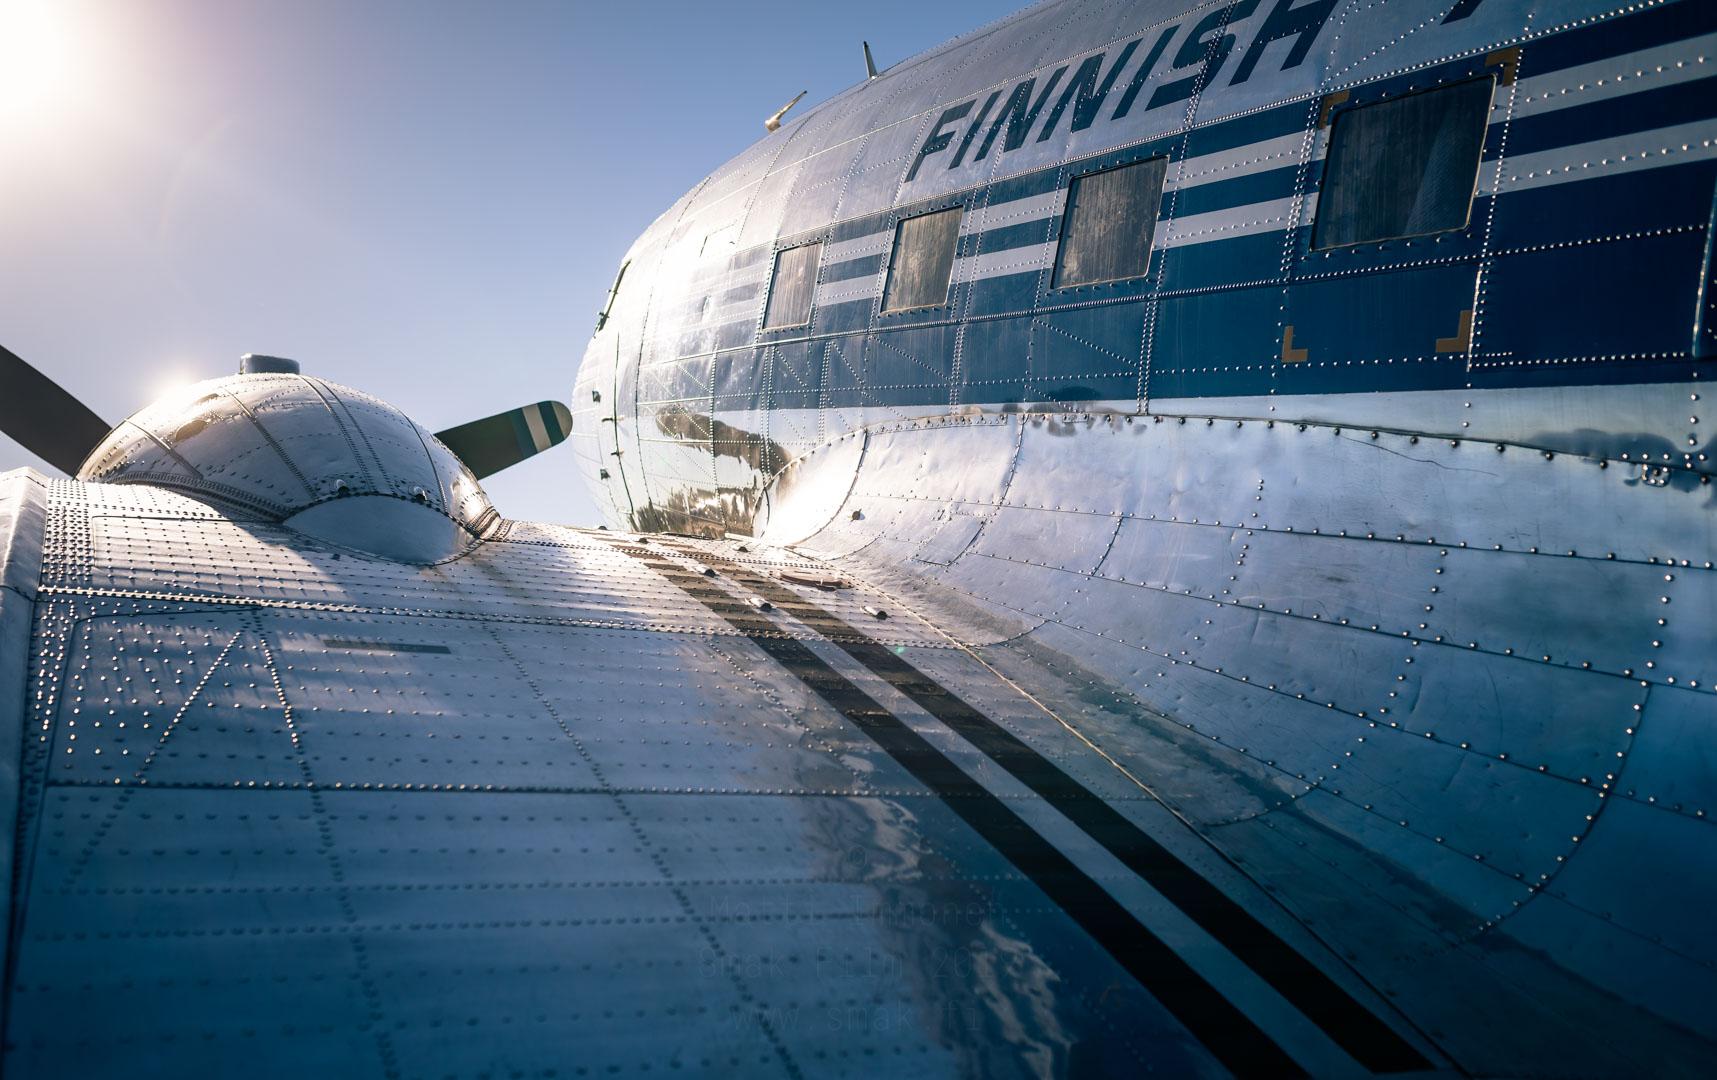 SF024Opel_Finland_0617-1_MI-0213.jpg